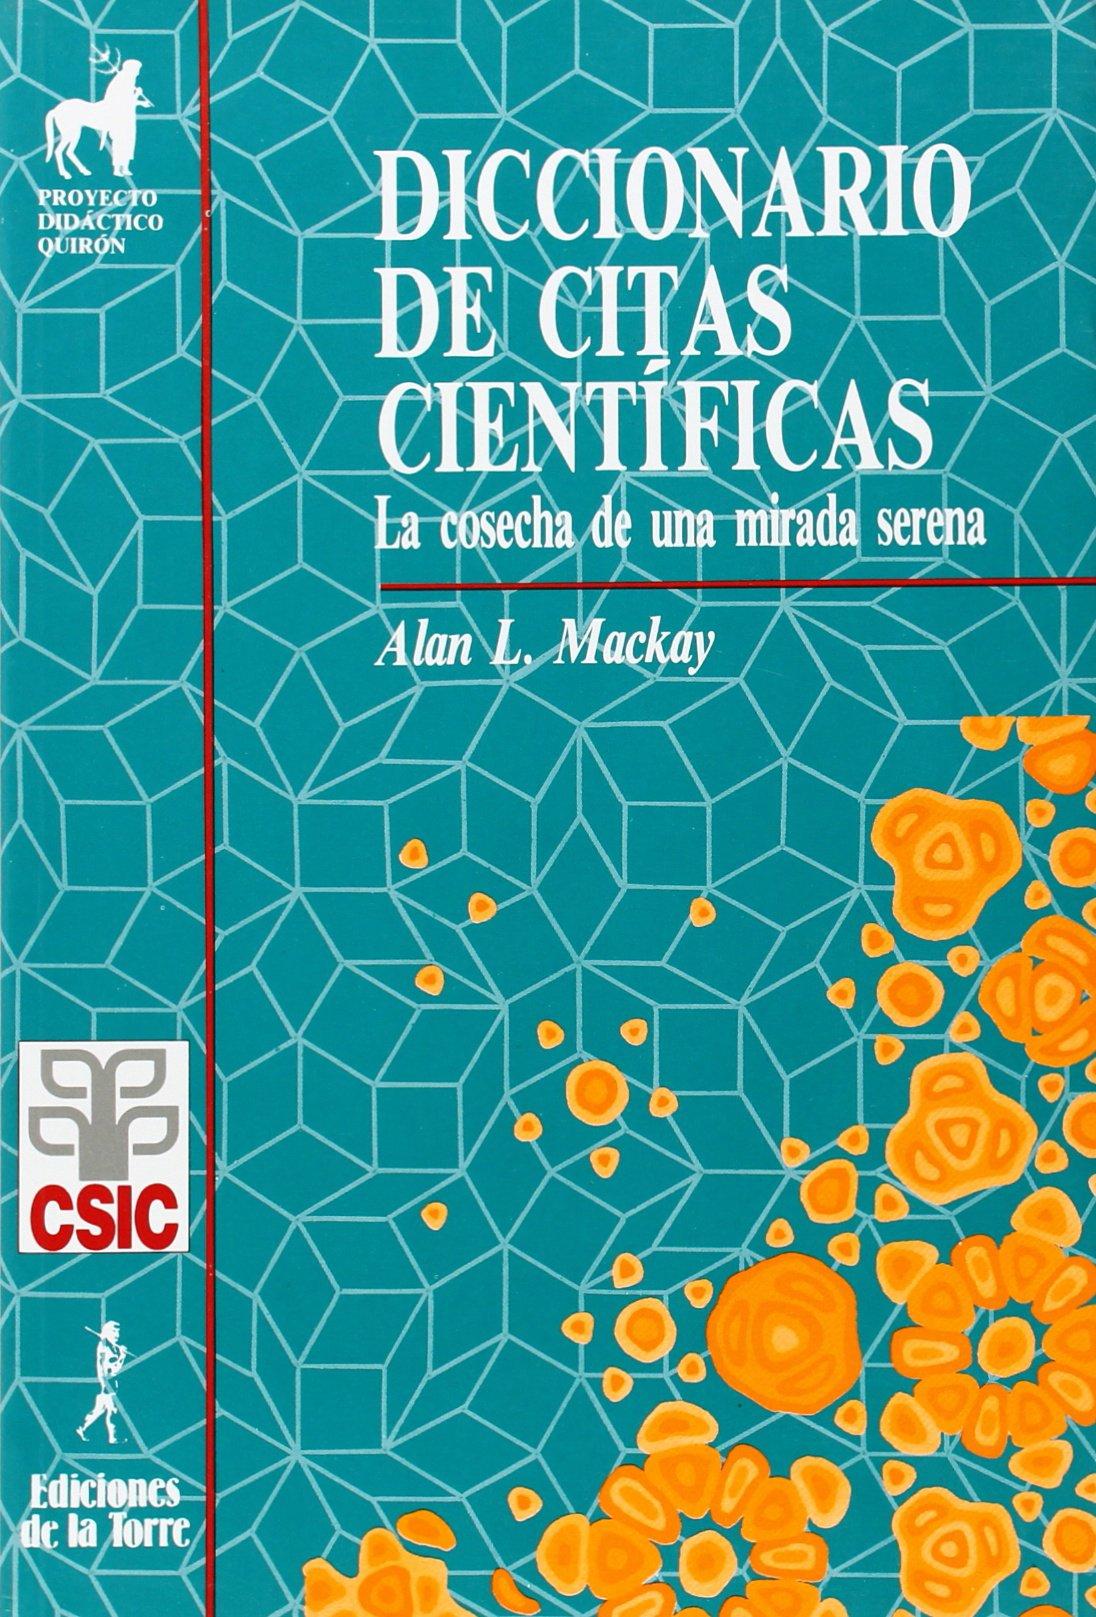 Diccionario de citas científicas : La cosecha de una mirada serena (Proyecto Didáctico Quirón, Ciencias, Tecnología y Sociedad, Band 1)